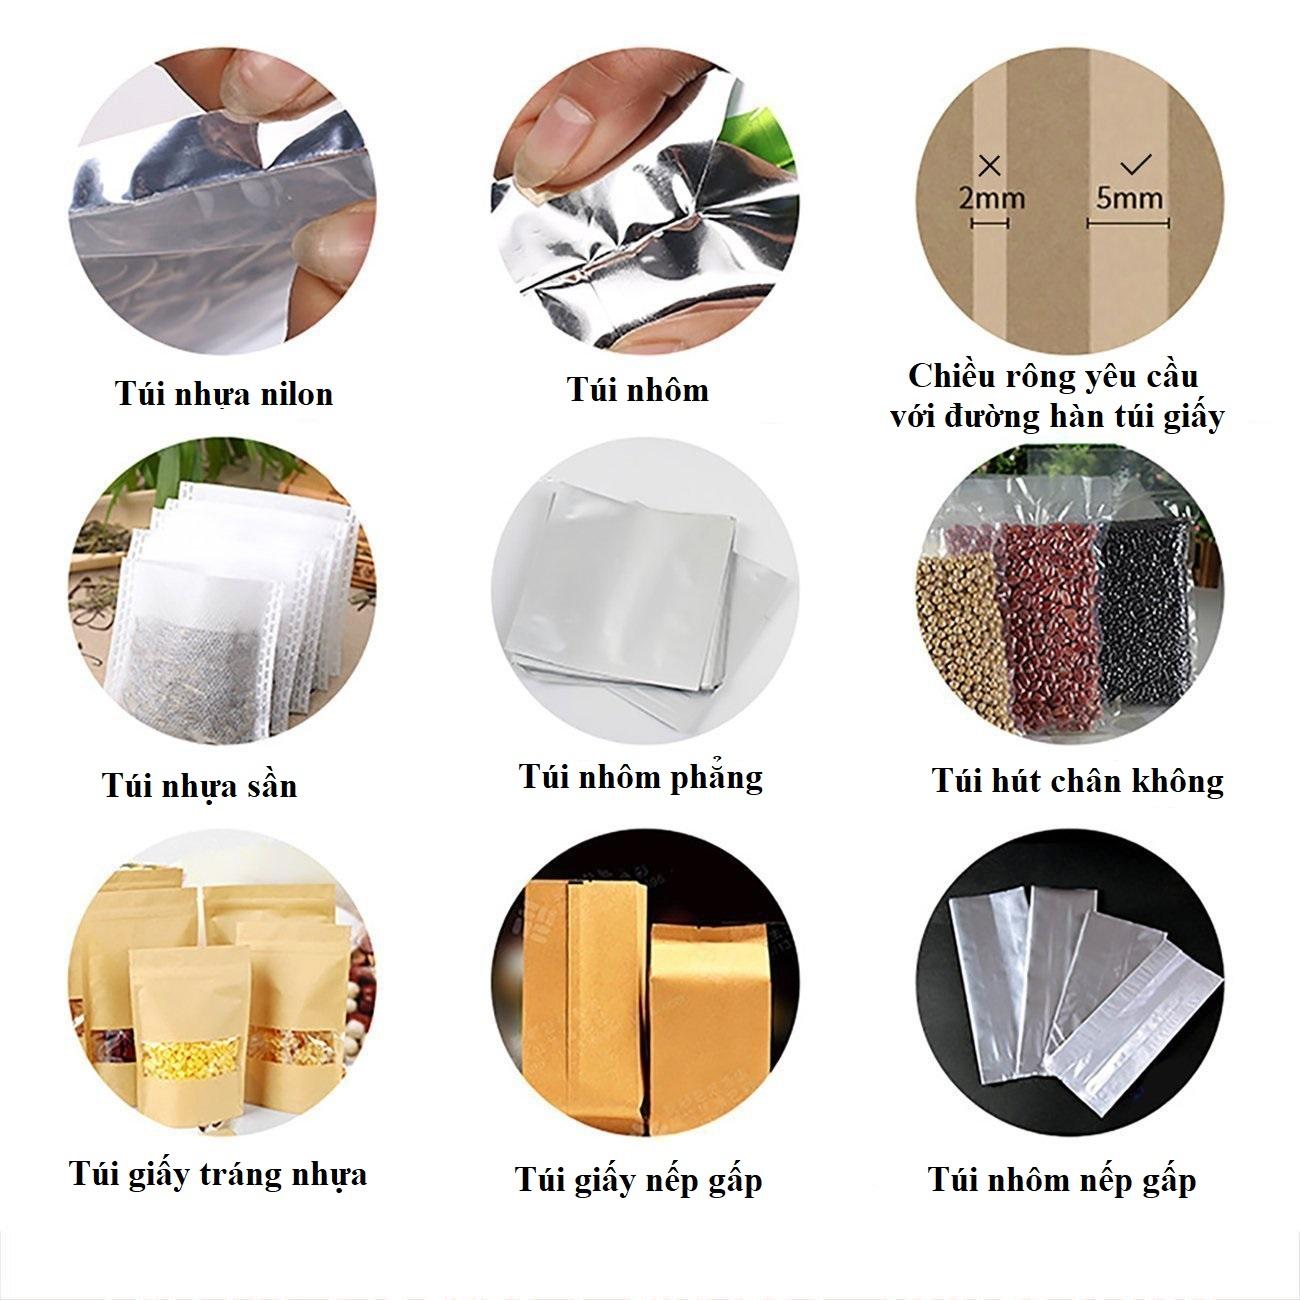 Máy hàn miệng túi dập tay chuyên dụng -  Máy ép miệng túi dùng cho chất liệu nhựa, PP/PE 200x5mm (Vỏ nhựa - Đỏ)